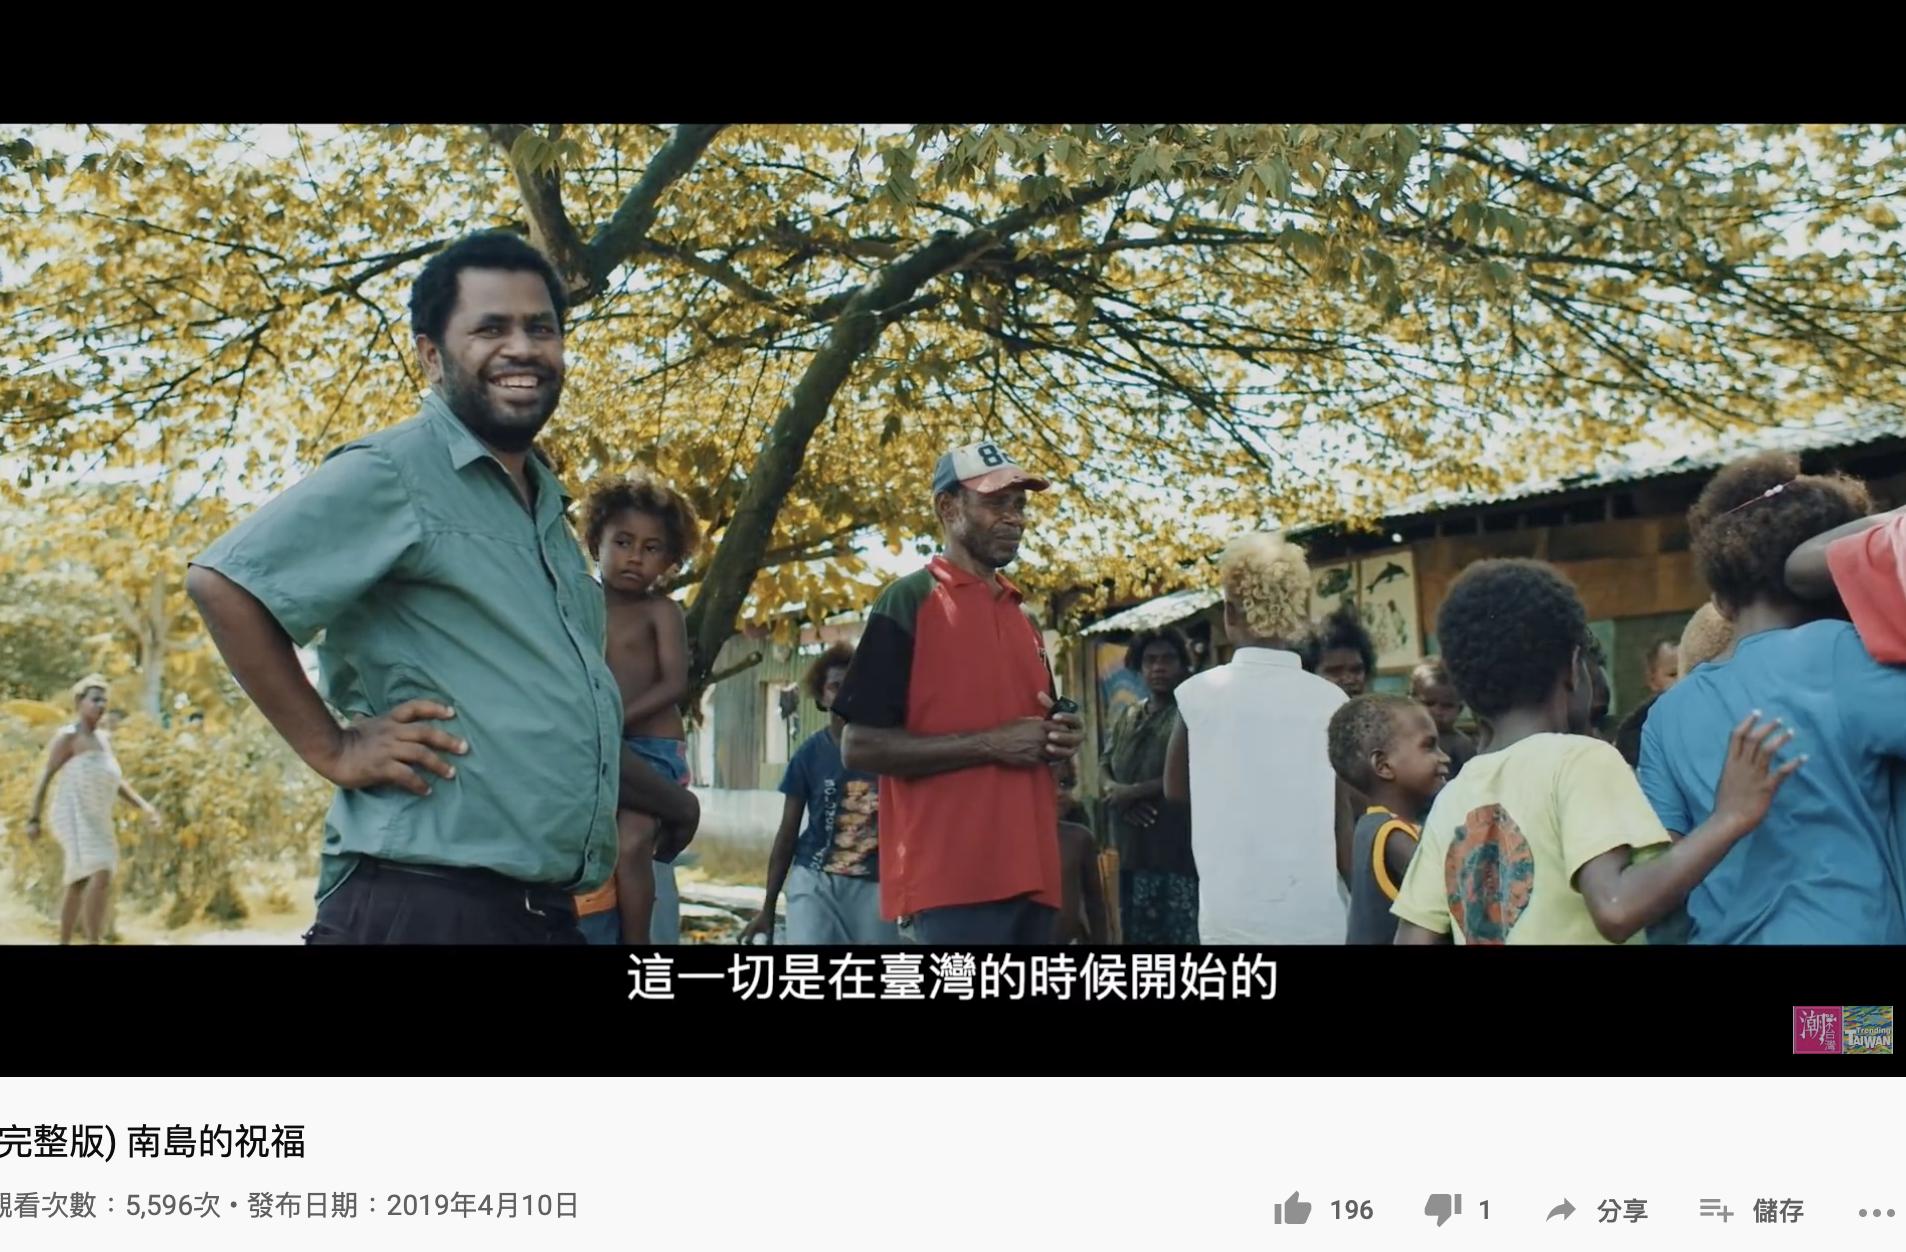 台湾外交部过去为了争取参加世卫组织而委托拍摄在台湾受训的所罗门医生返回所罗门行医的故事。在所罗门宣布和台湾断交后,这样的合作划下休止符。(影片来源:潮台湾、版权台湾外交部所有)